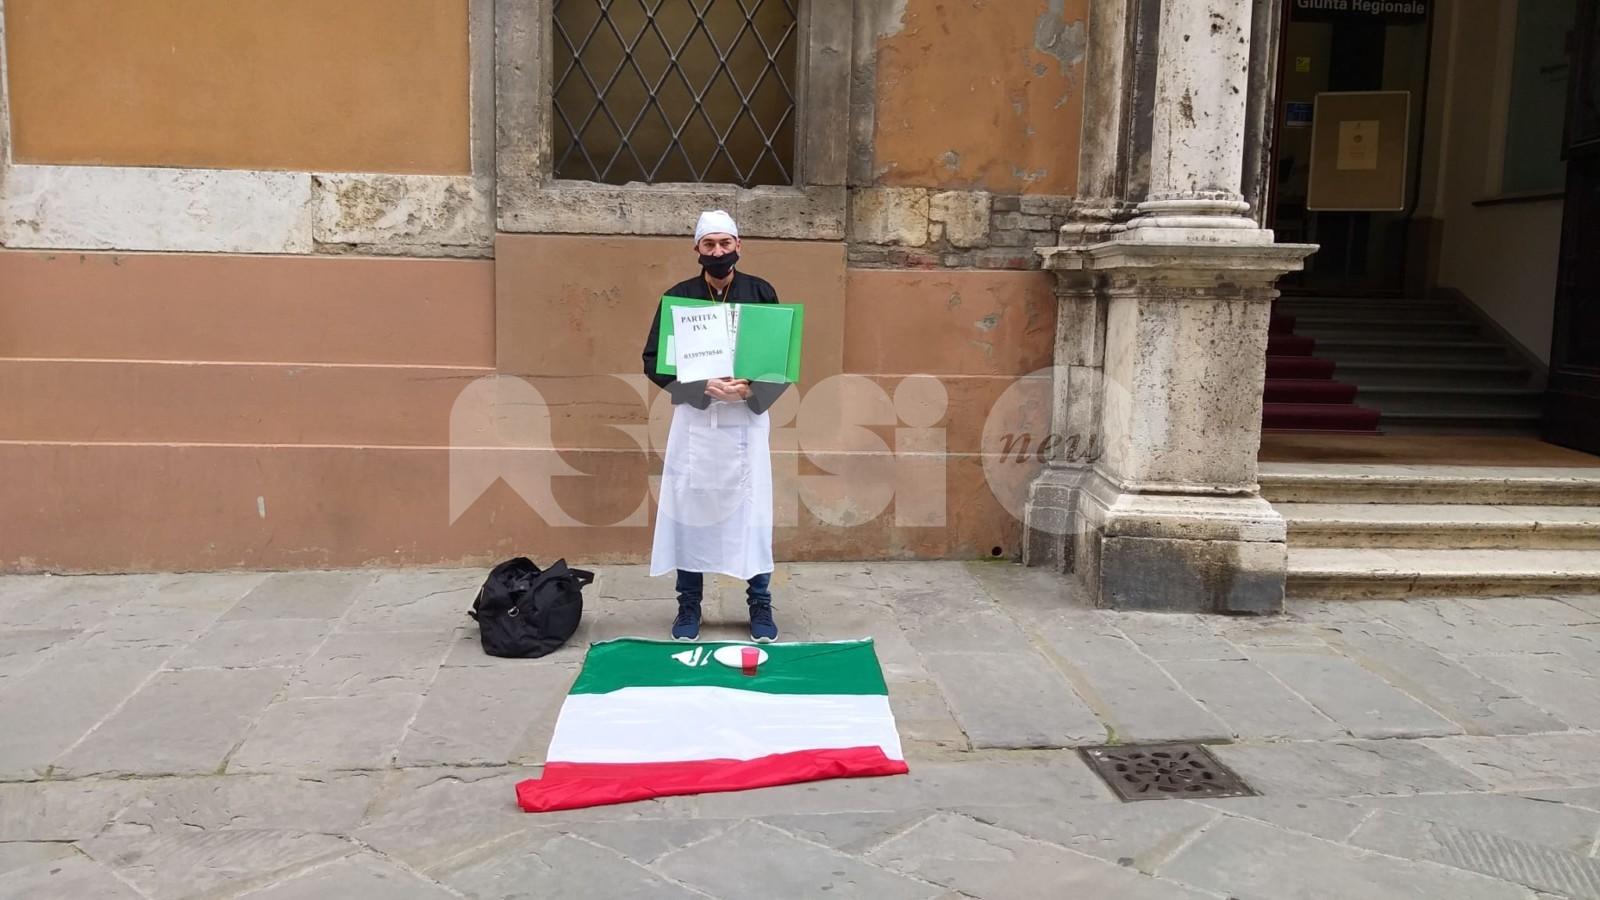 Fulvio Plazzotta, un ristoratore da Assisi tutti i giorni a Perugia per protestare (foto)